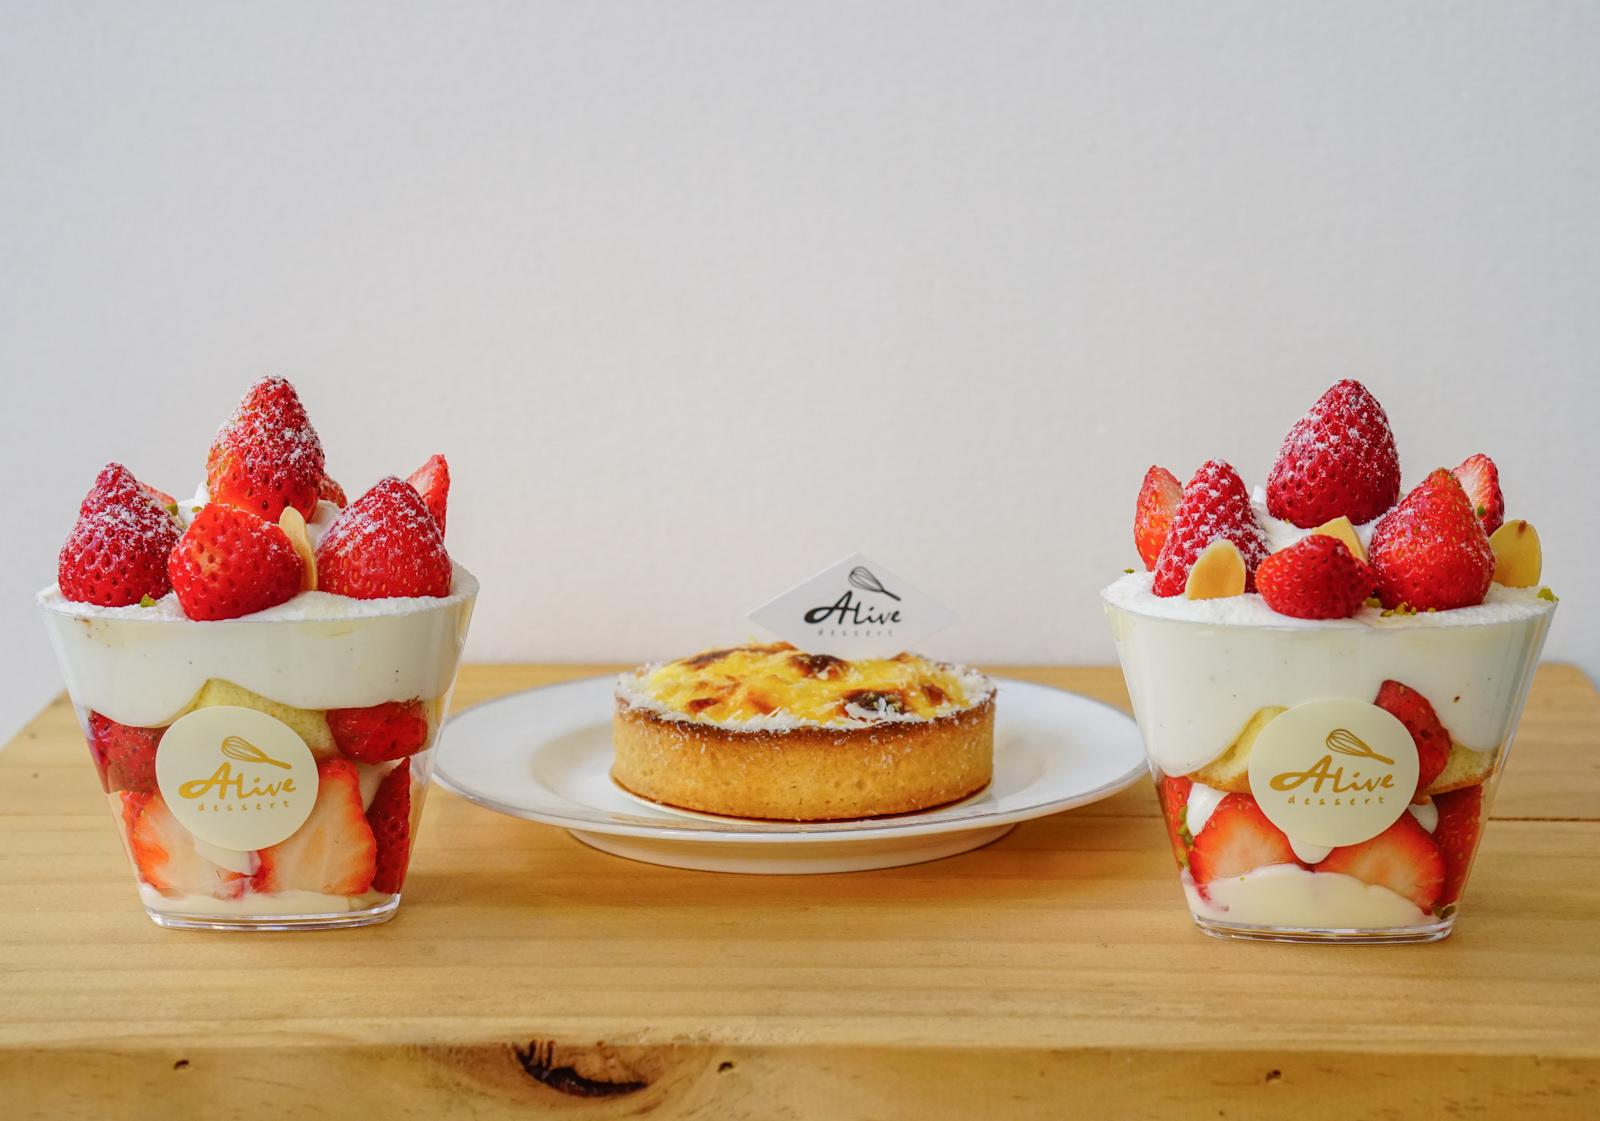 [高雄]ALive Dessert活.著.手作甜食-夢幻草莓白乳酪慕斯甜點杯x銷魂帕瑪森乳酪塔 隱藏版美味! 高雄下午茶推薦